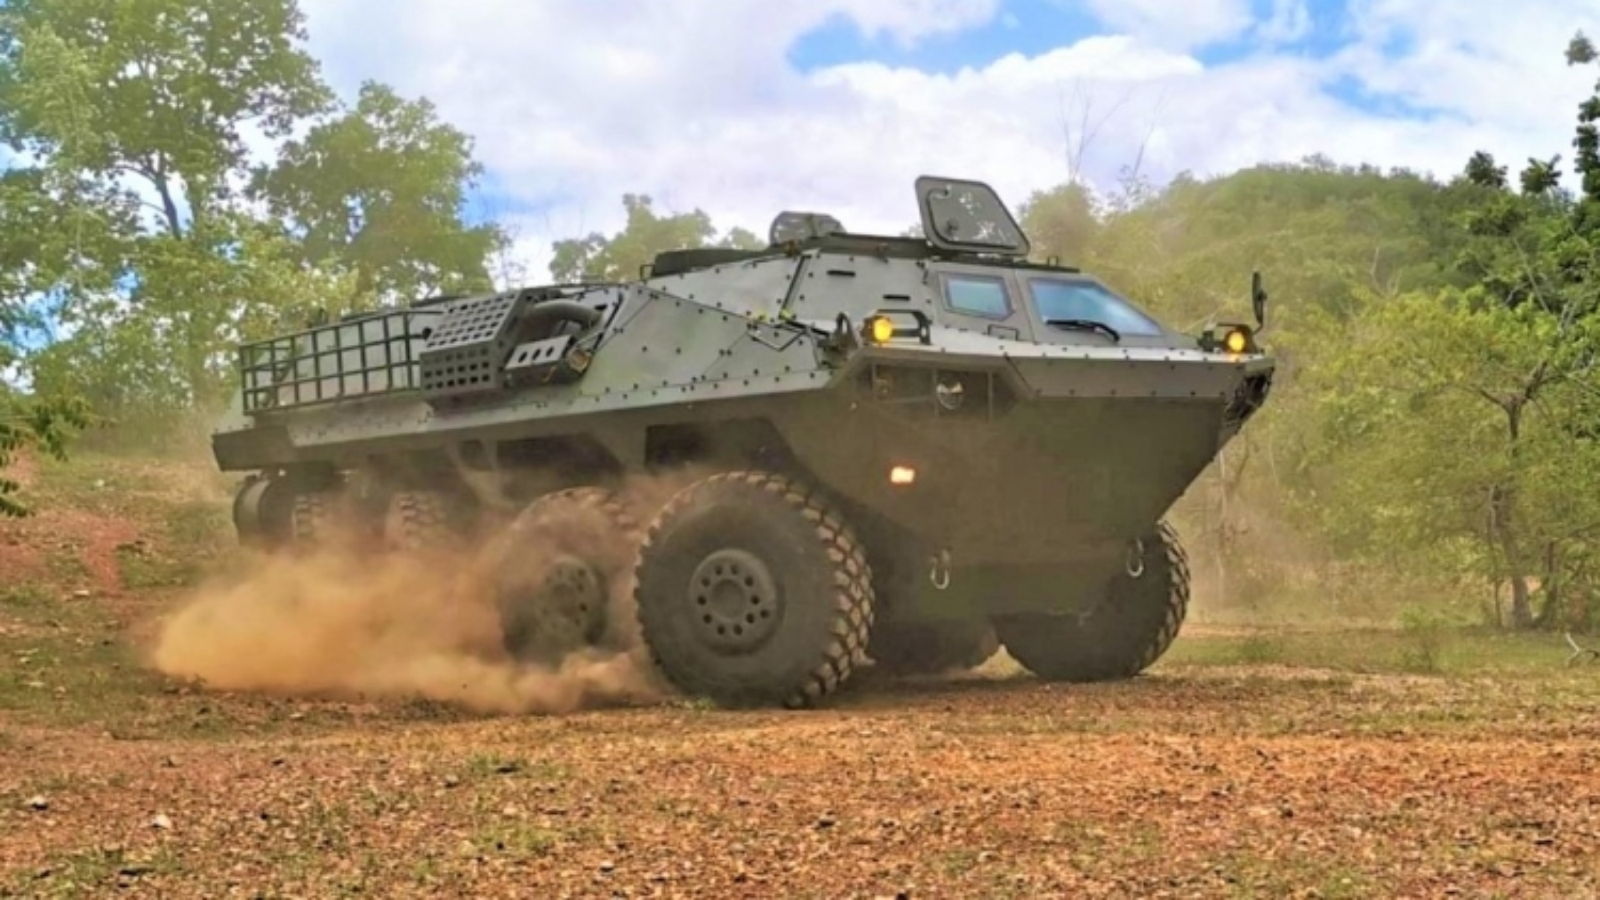 Thái Lan đưa xe chiến đấu bộ binh nội địa Panus R600 vào trang bị